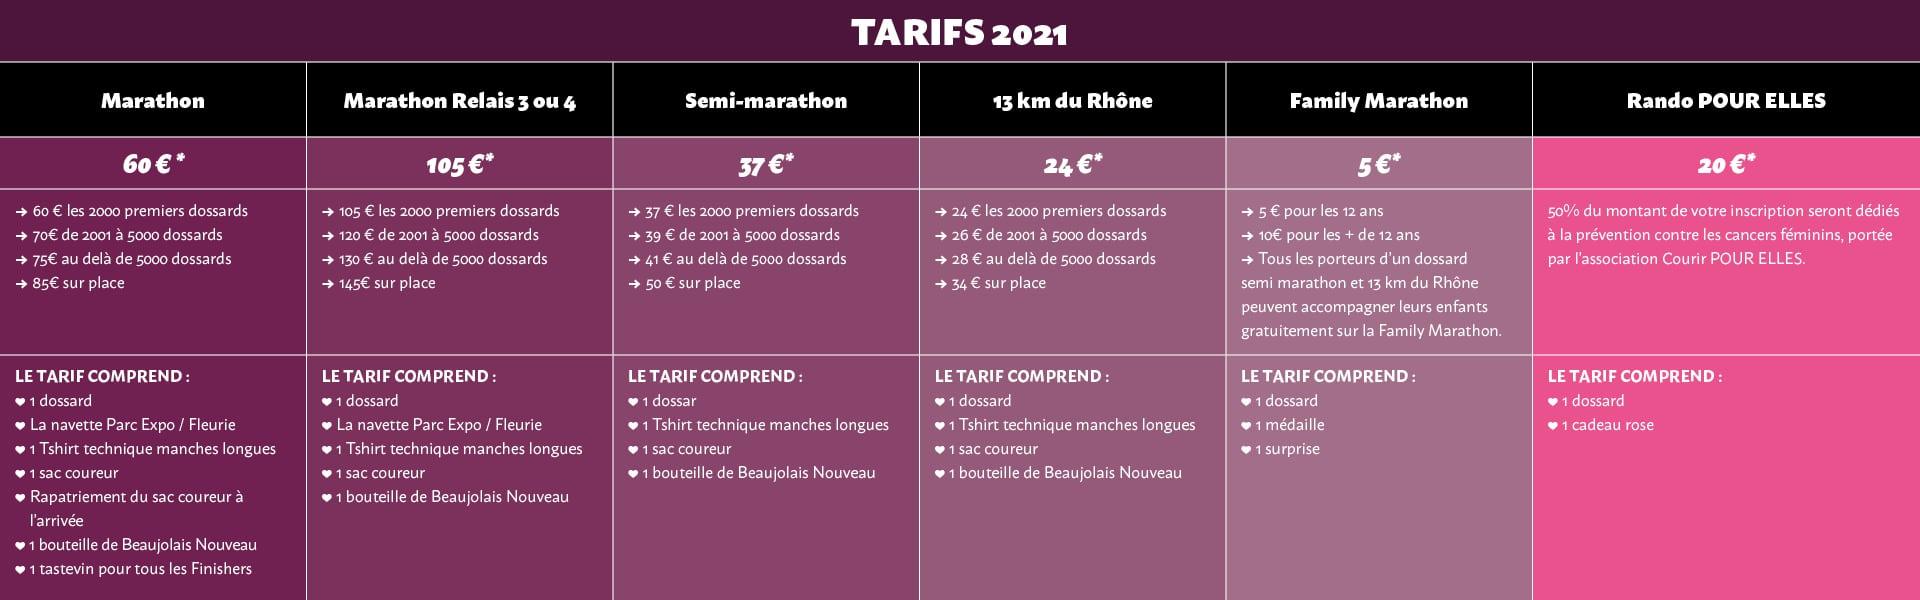 MIB21 1920x1080 TARIFS1 (3)